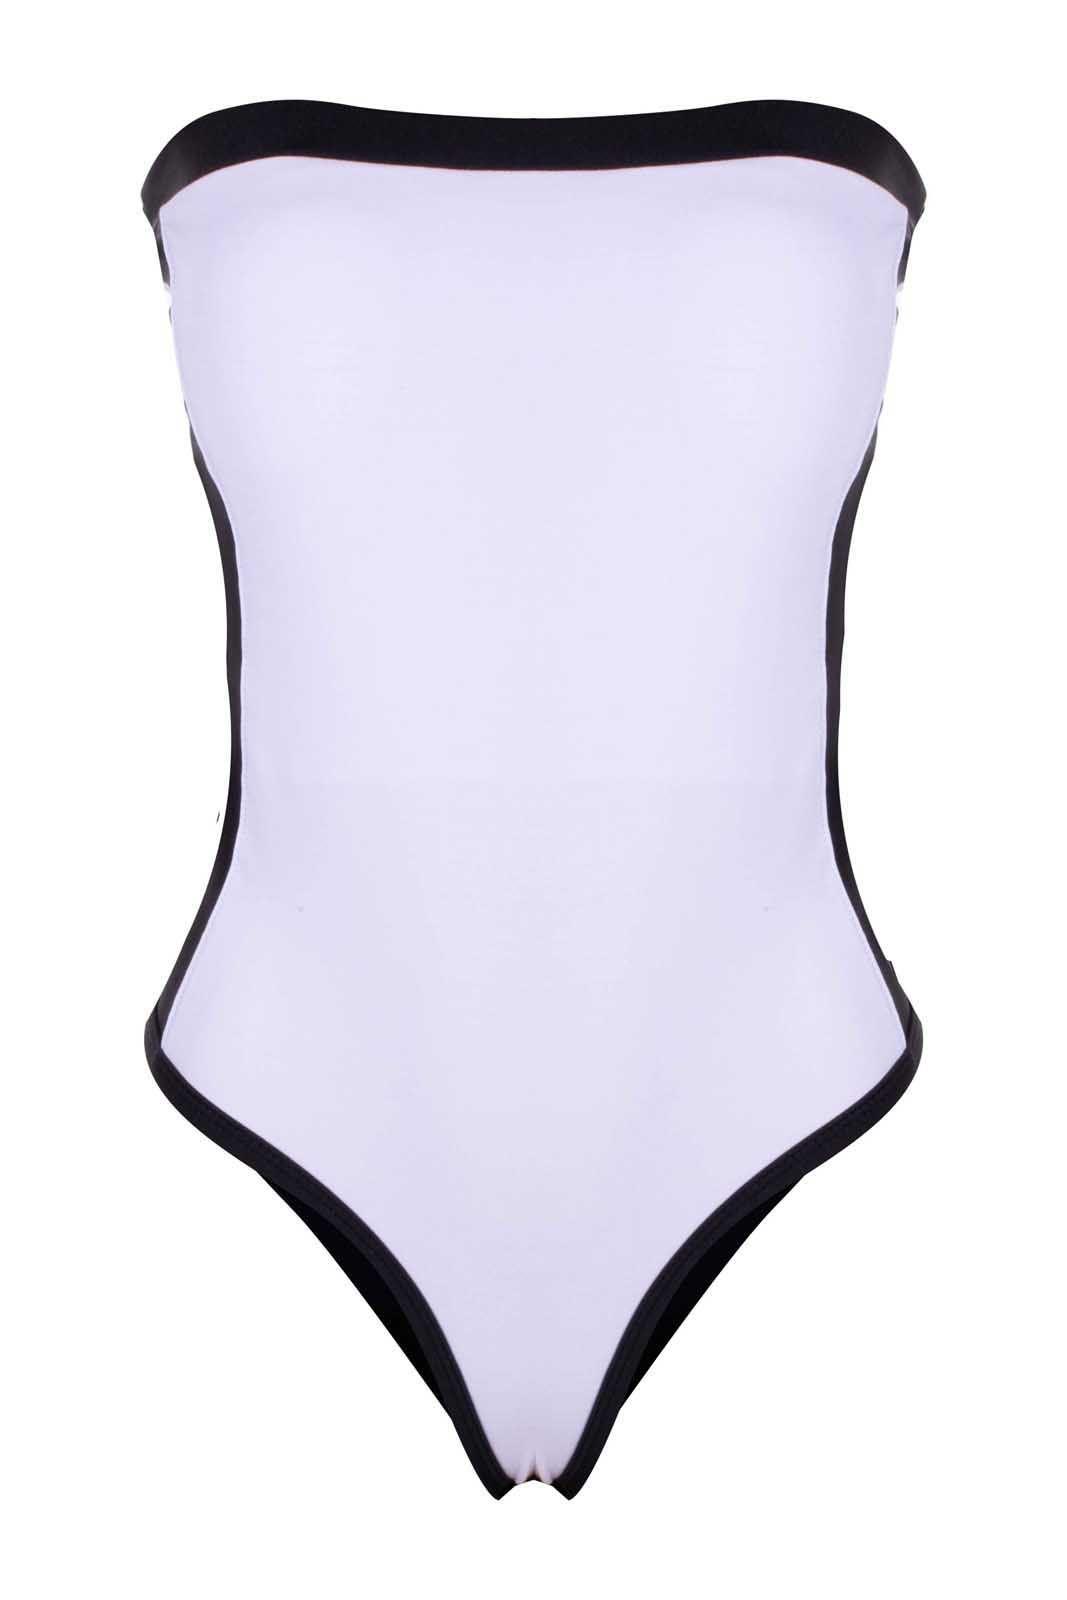 Body Outlet Dri Tomara Que Caia BM Branco com Preto